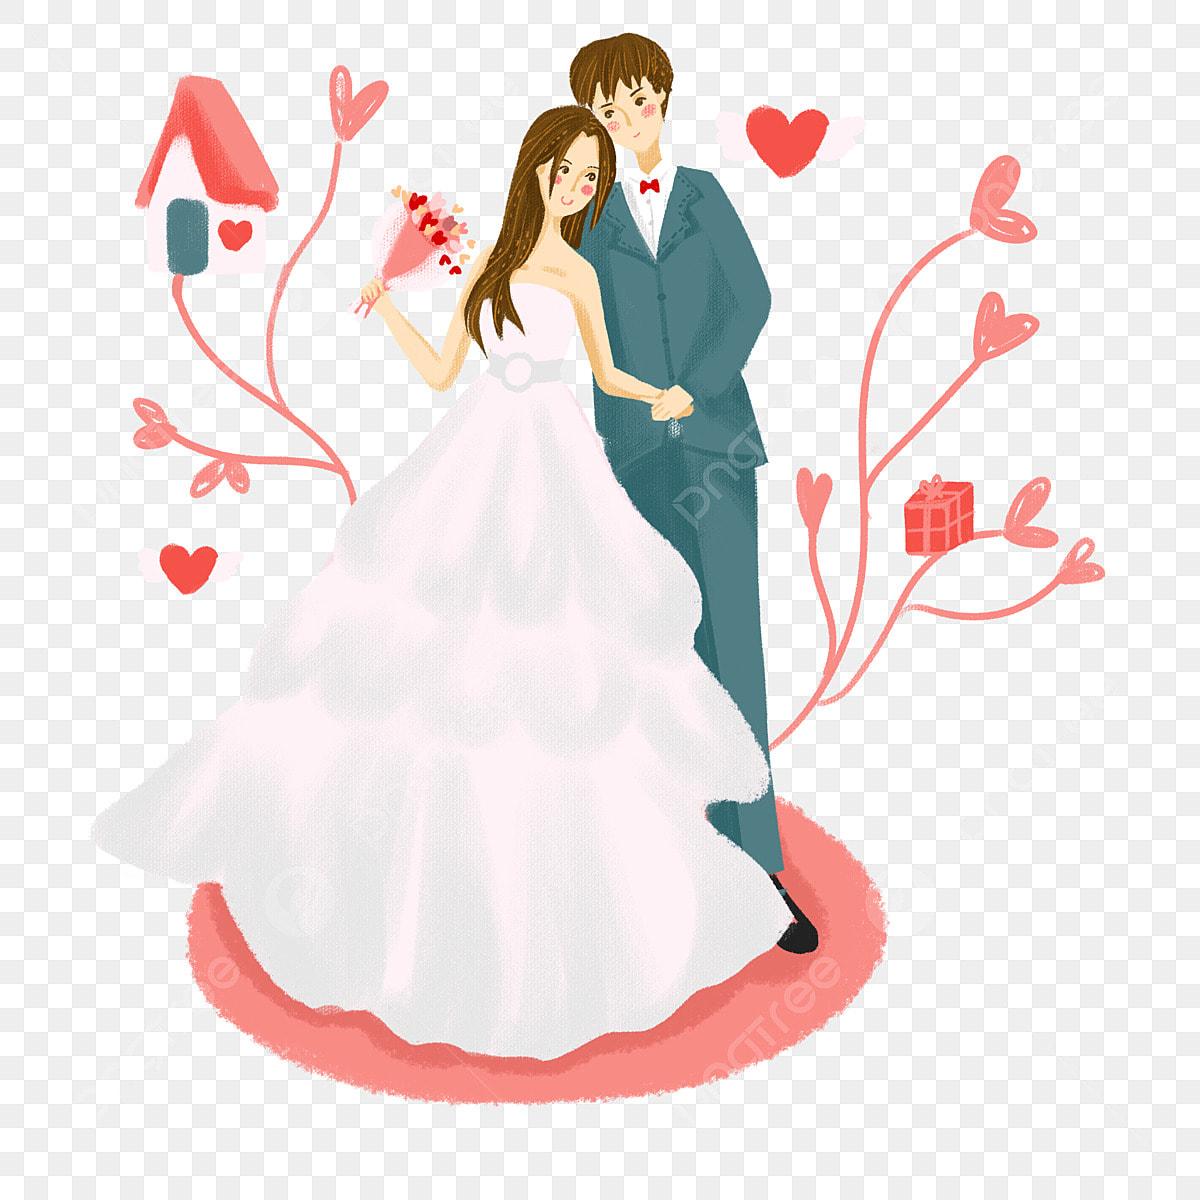 Romantique Couple Main De Mariage Rose Dessin Couple Romantique Couple Romantique Romantique Romantique Mariage Festival Romantique Fichier Png Et Psd Pour Le Téléchargement Libre